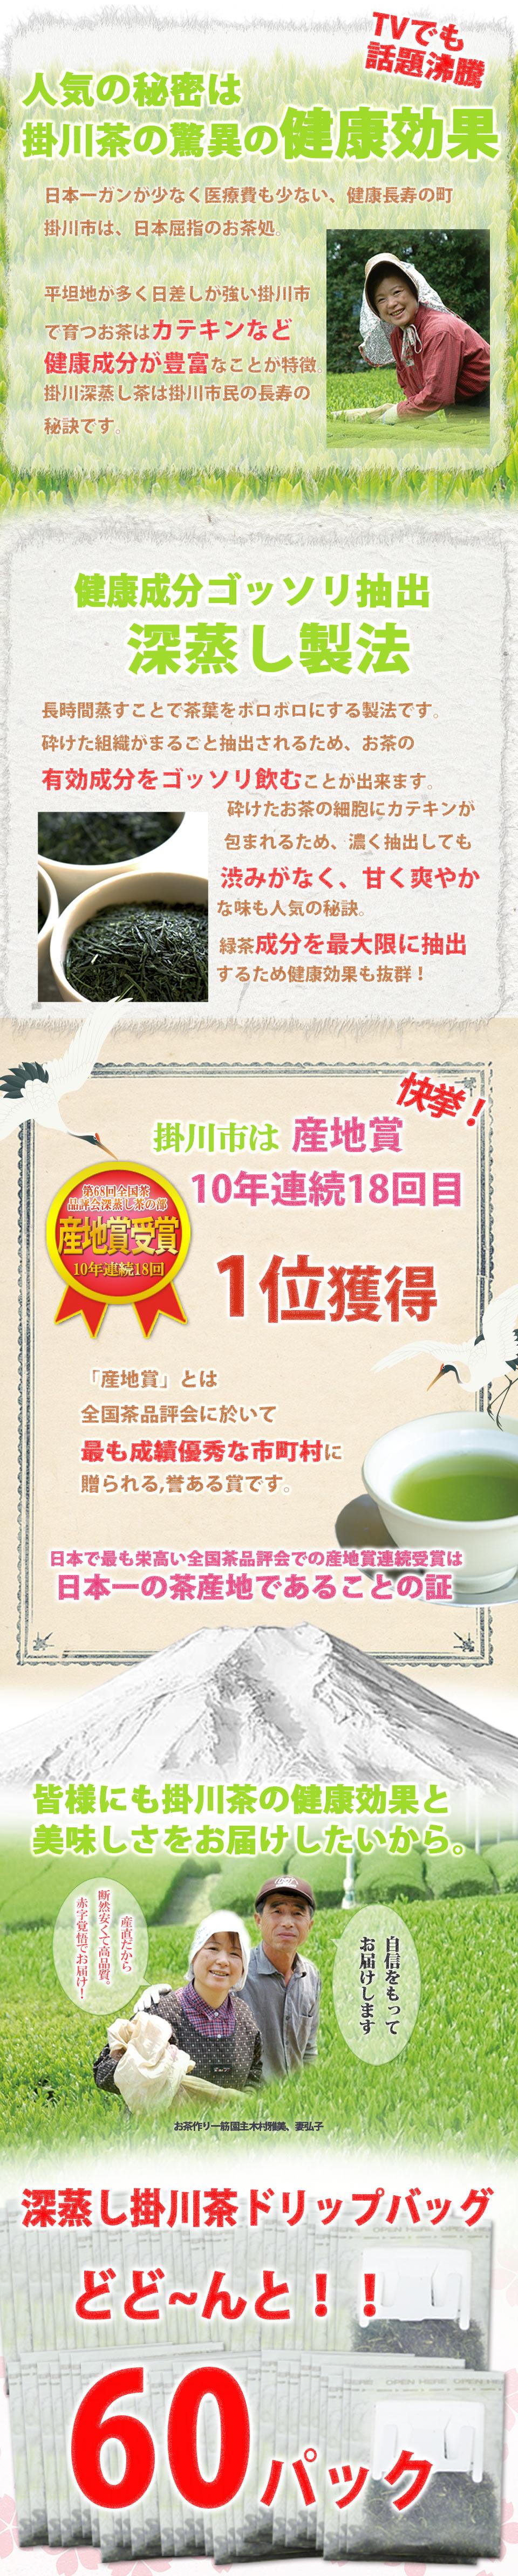 人気の秘訣は掛川茶の驚異の健康効果 日本一がんが少なく医療費も少ない、健康長寿の町掛川市は日本屈指のお茶処。 平坦地が多く日差しが強い掛川市で育つお茶はカテキンなど健康成分が豊富。深蒸し掛川茶は掛川市民の長寿の秘訣。健康成分ごっそり抽出深蒸し製法 長時間茶葉を蒸すことで茶葉をぼろぼろにする製法です。砕けた細胞が丸ごと抽出されるため、お茶の有効成分をごっそり飲むことができます。掛川市は10年連続産地賞受賞!全国茶品評会 深蒸し茶の部にて10年連続産地賞を受賞しています。深蒸し掛川茶 ドリップバッグ60袋入